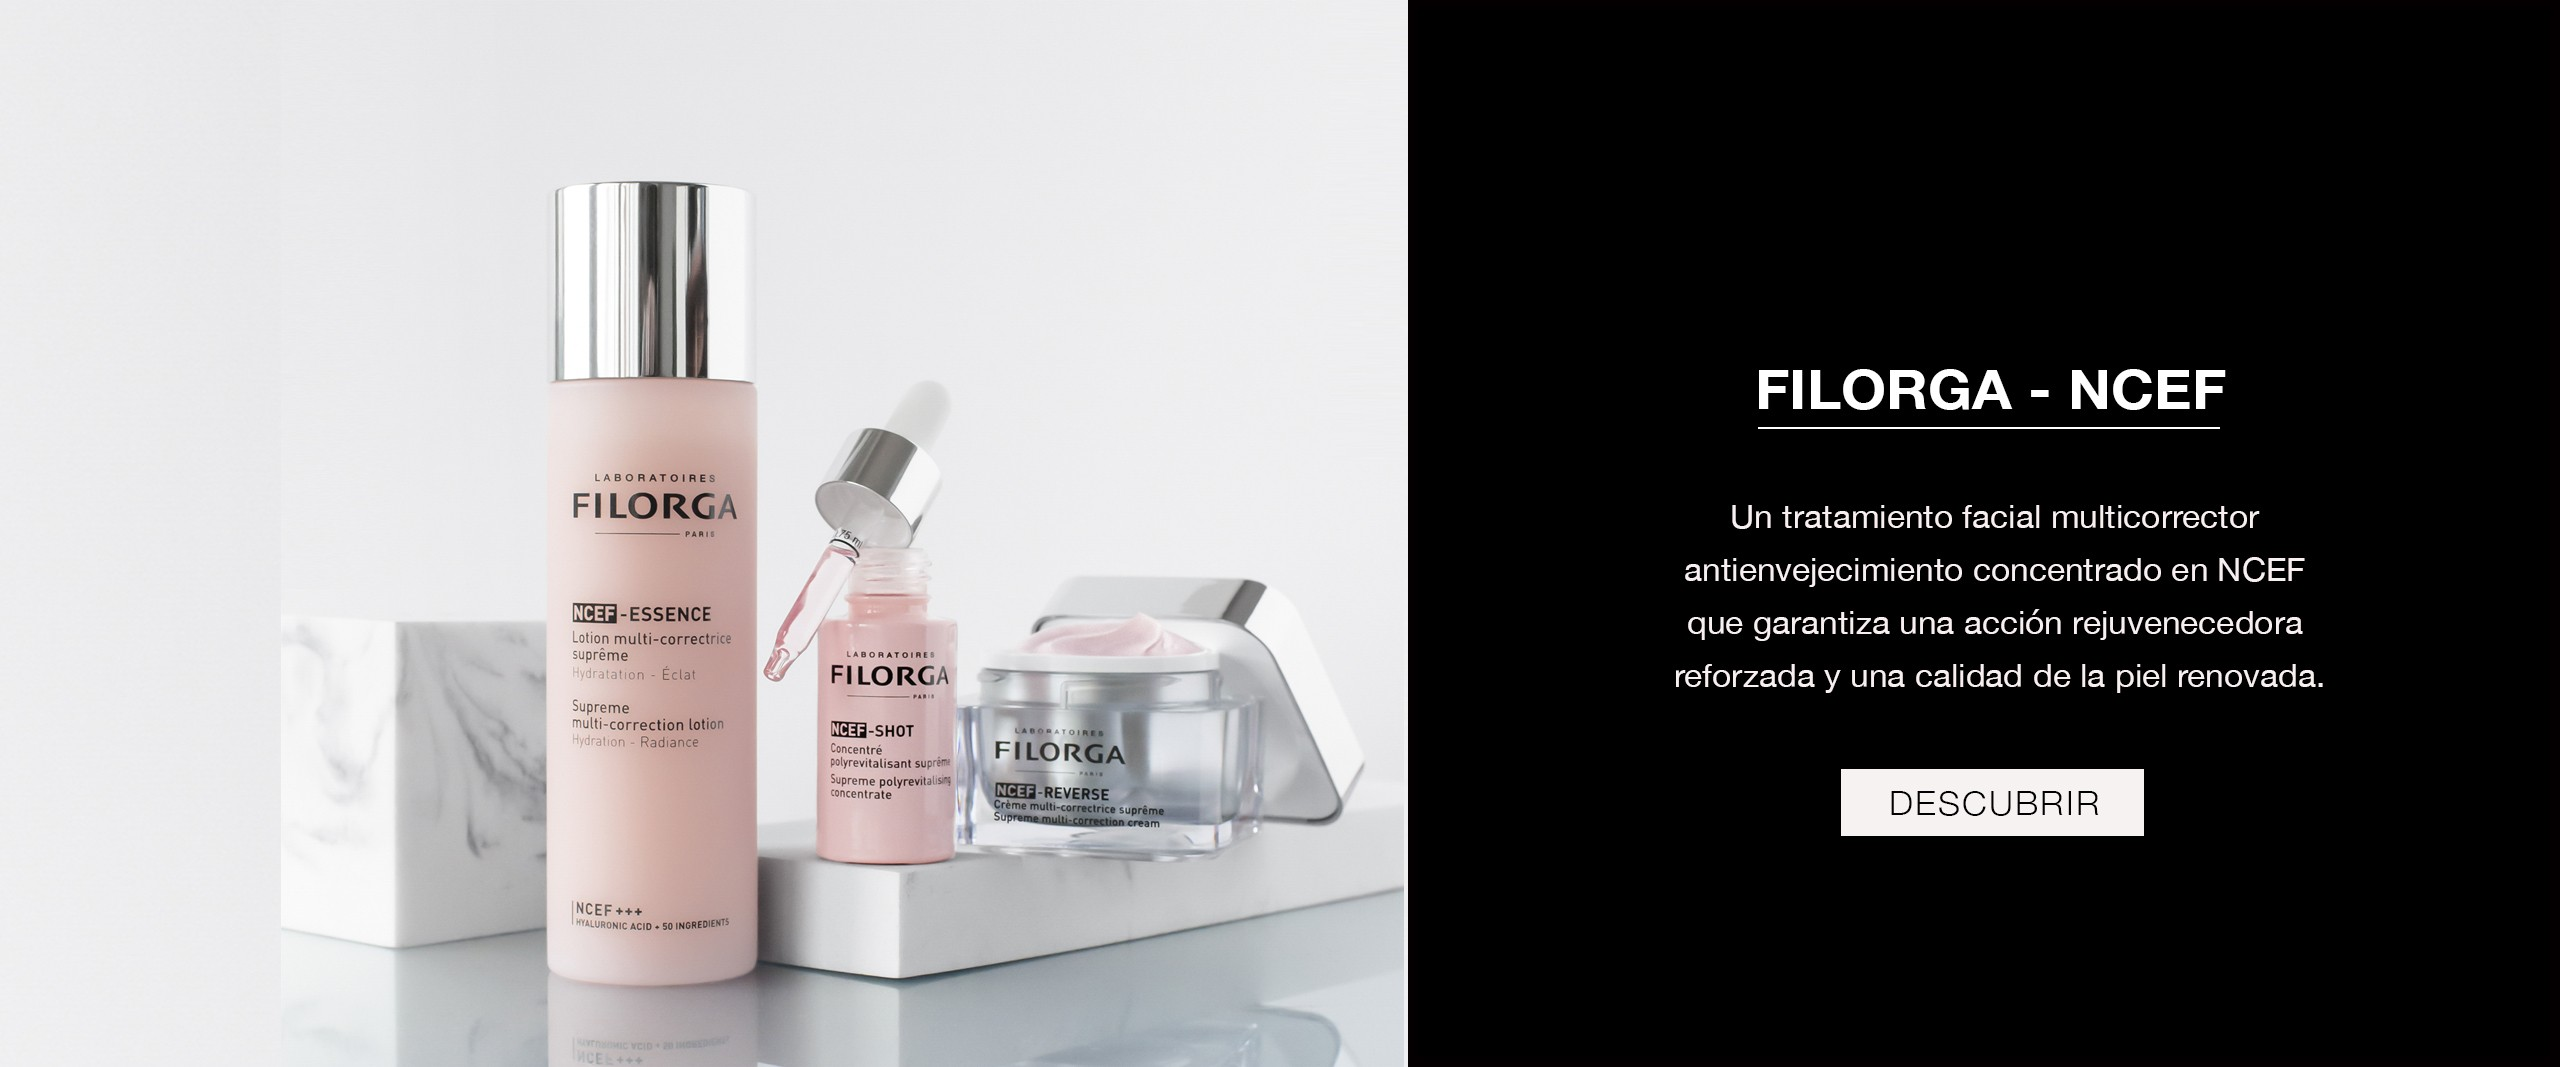 Farmacia Sarasketa descubre Filorga la descubre FILORGA, la marca de cosméticos antiedad inspirada directamente en la medicina estética y encuentra la rutina de cuidado facial que te conviene